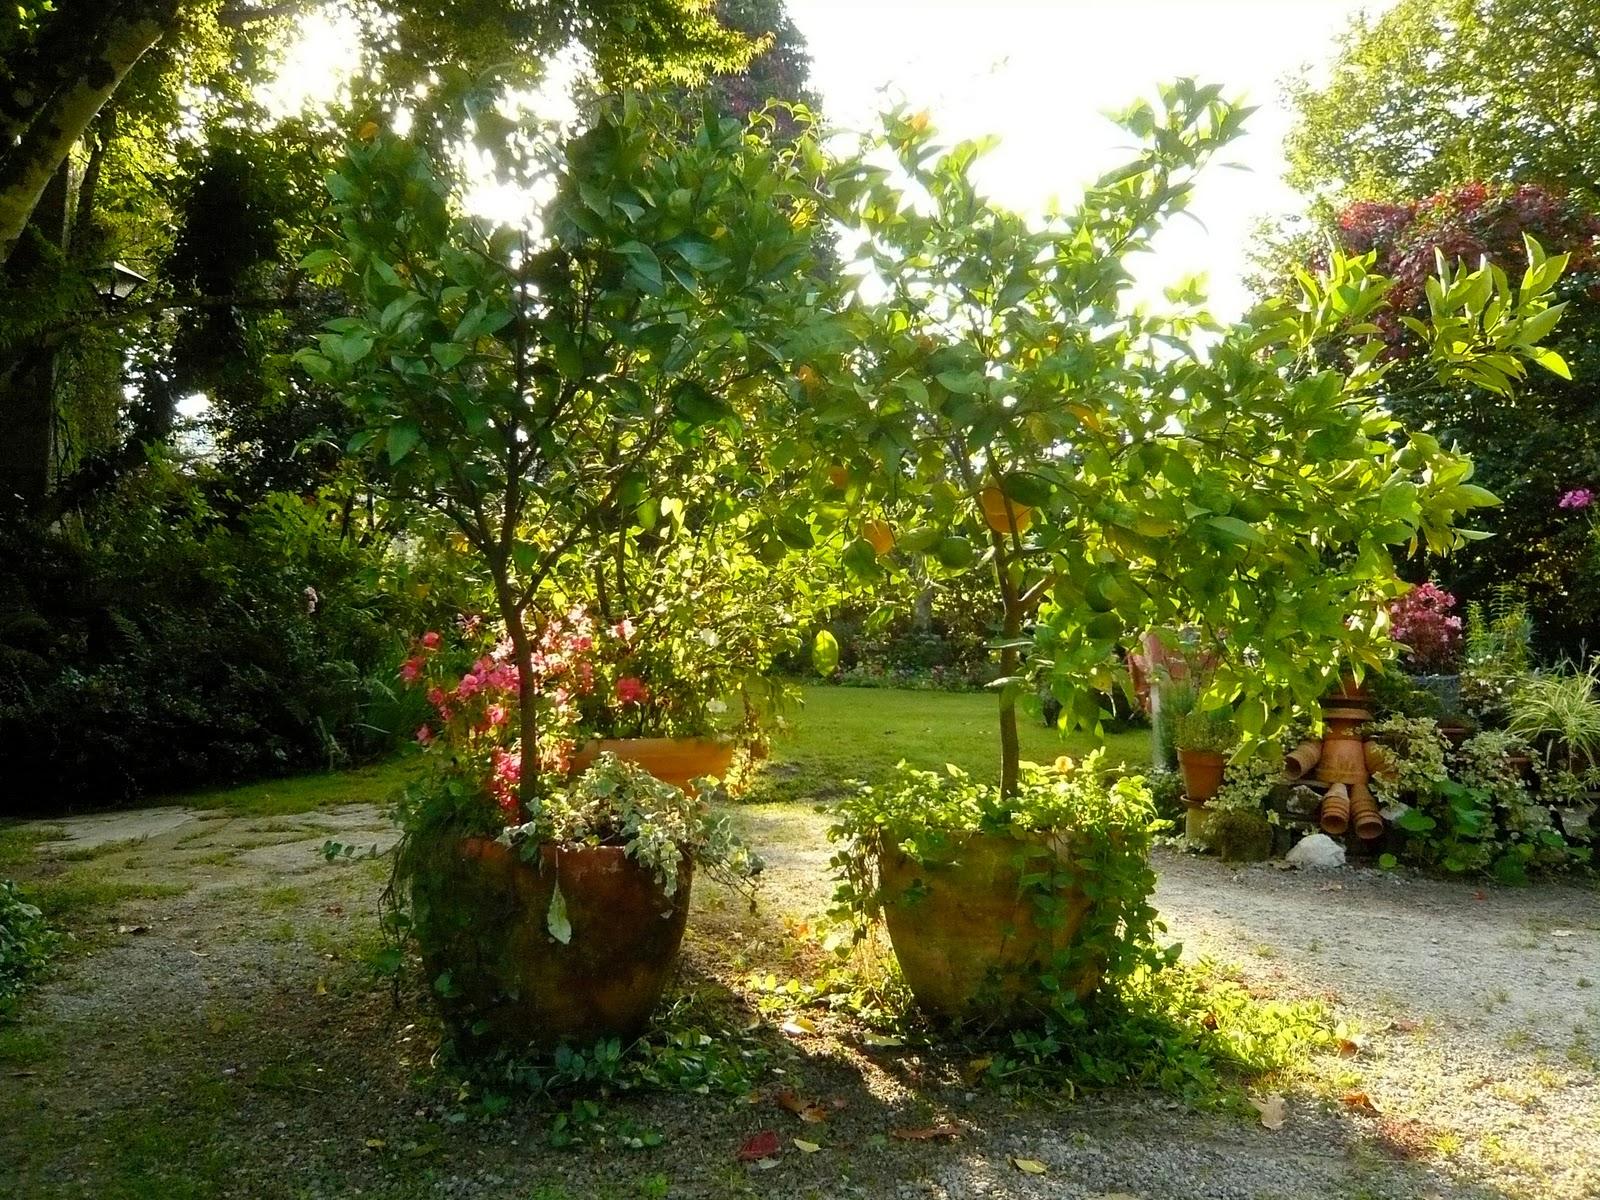 Mi jard n mi para so verde y ocre - Recuperar jardin seco ...